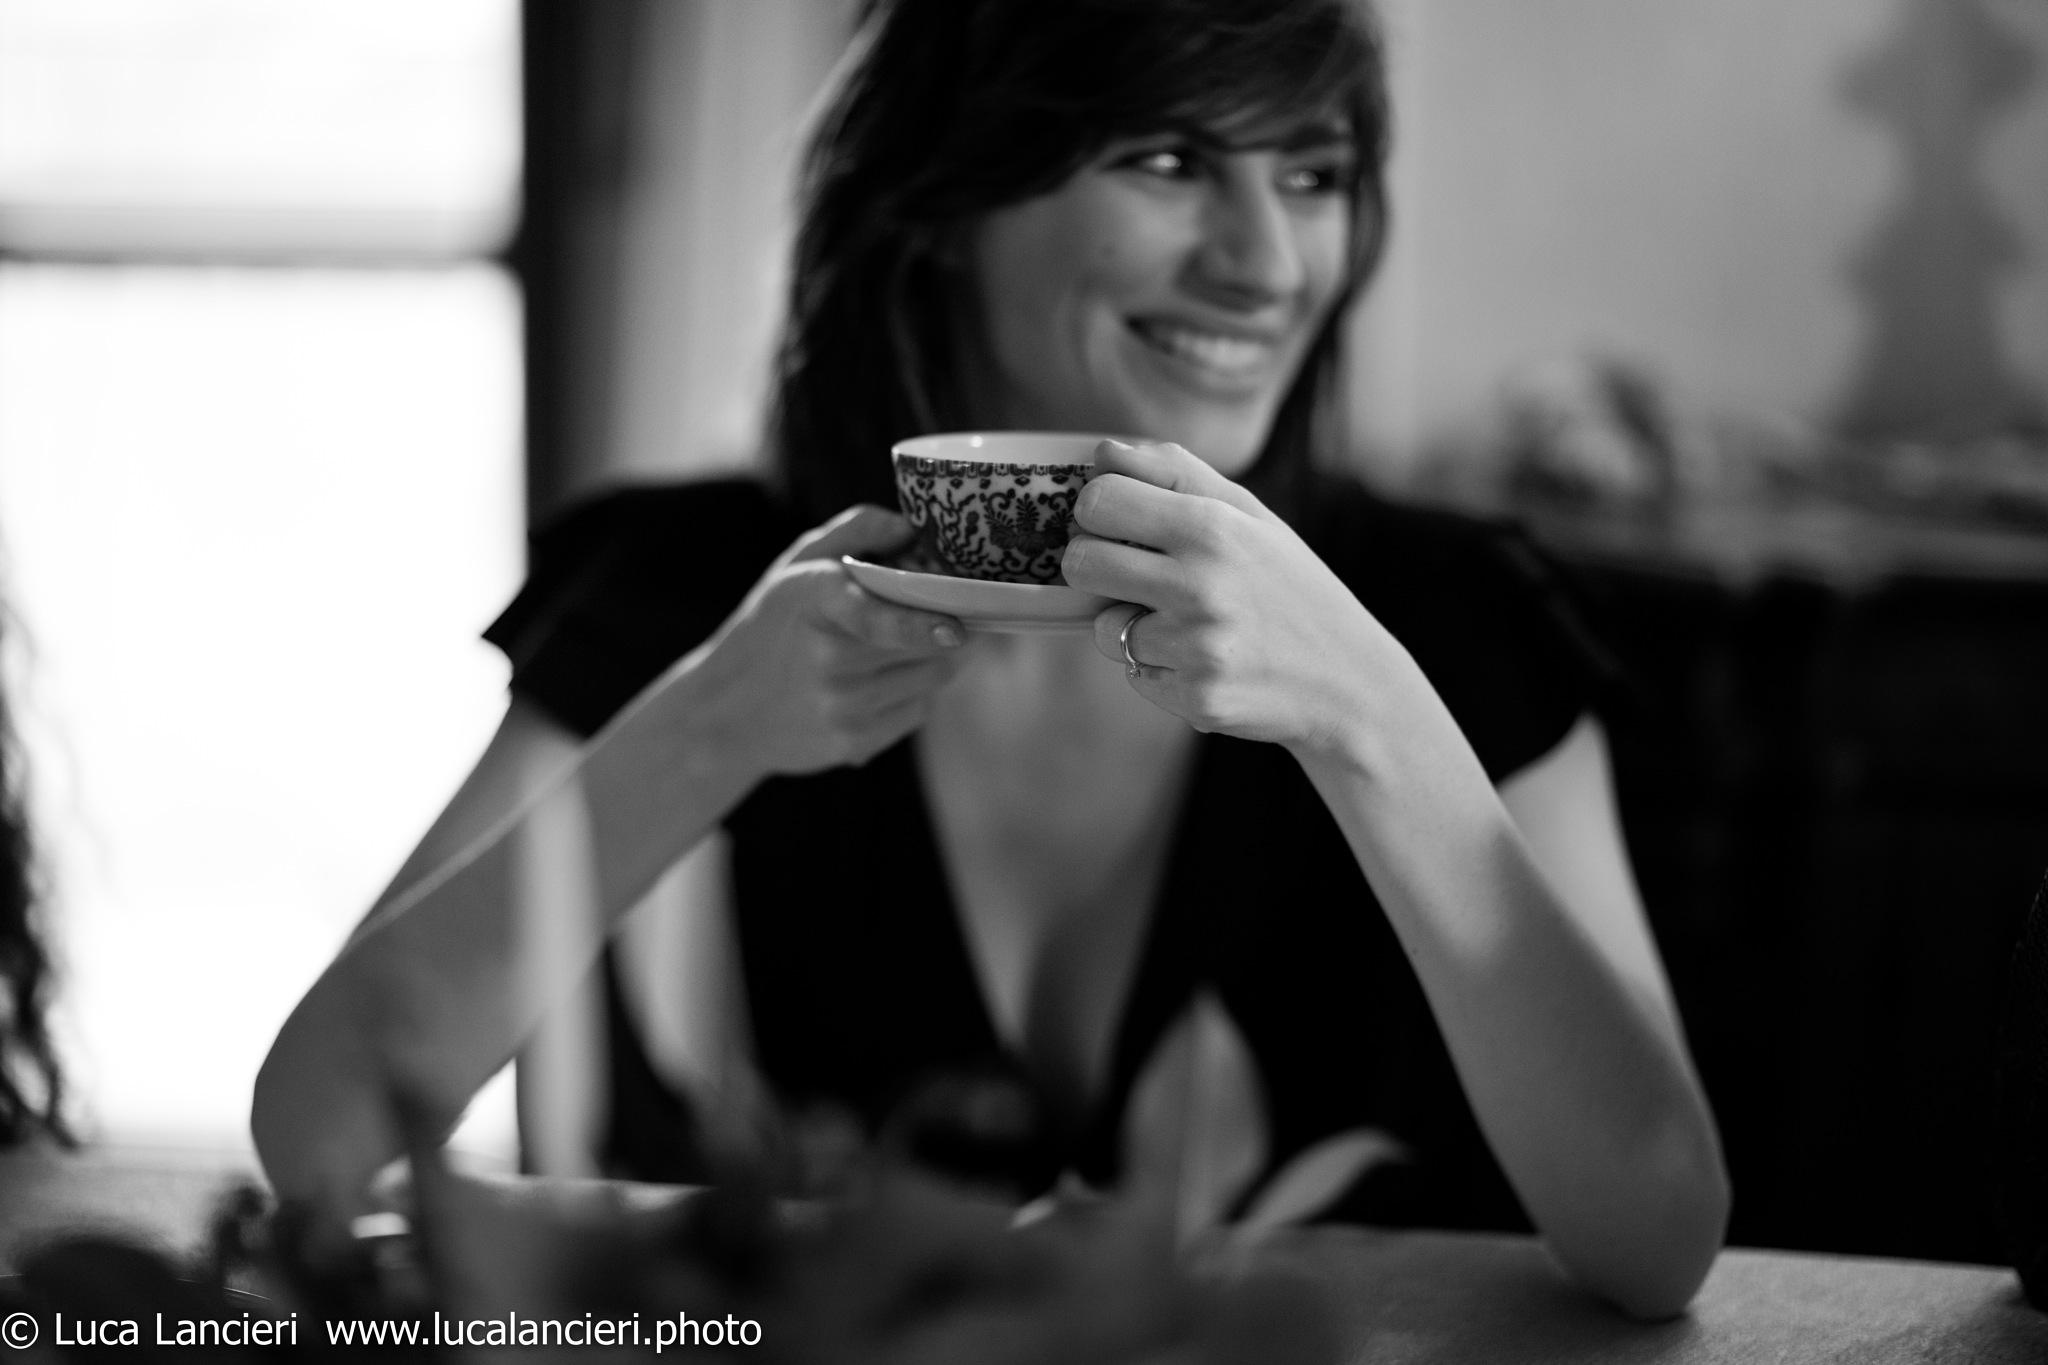 The Tea by Luca Lancieri